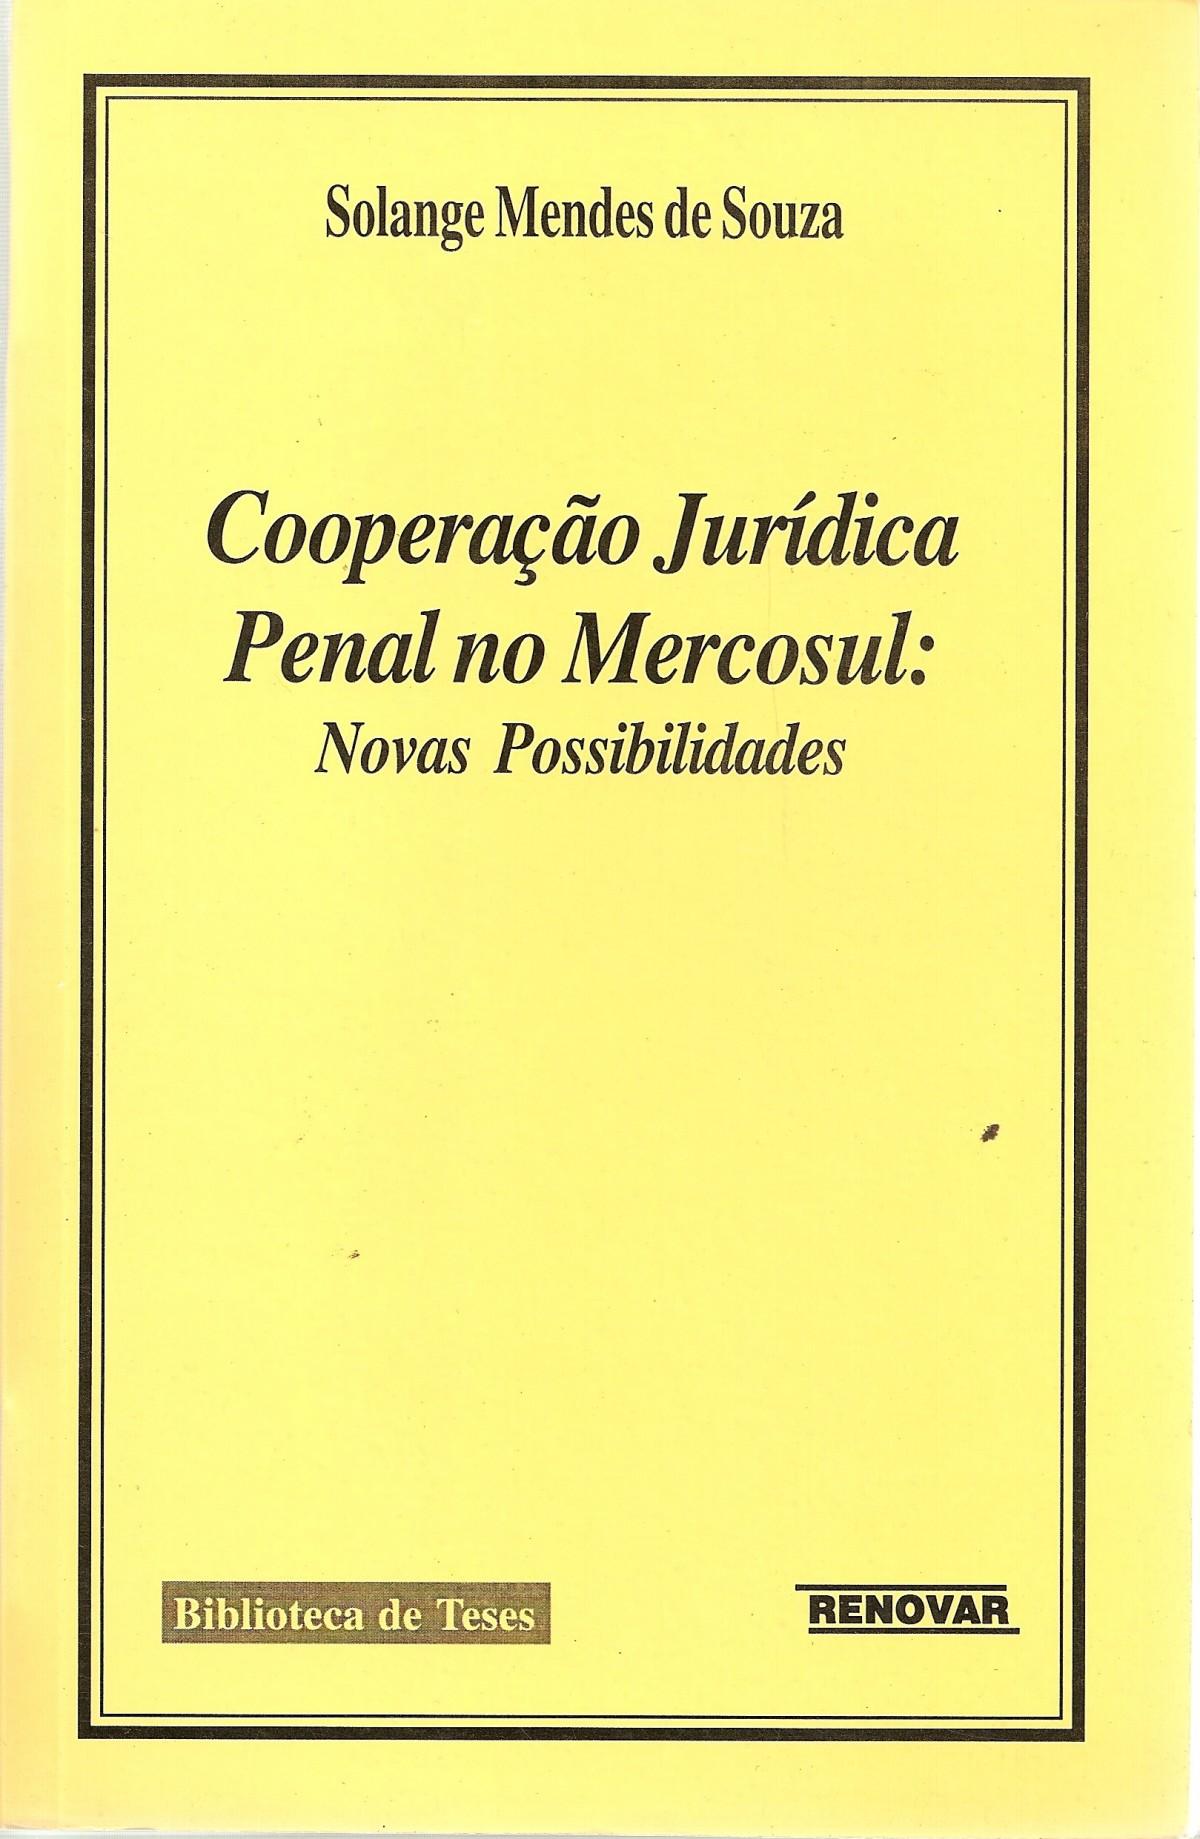 Foto 1 - Cooperação Jurídica Penal no Mercosul: Novas Possibilidades